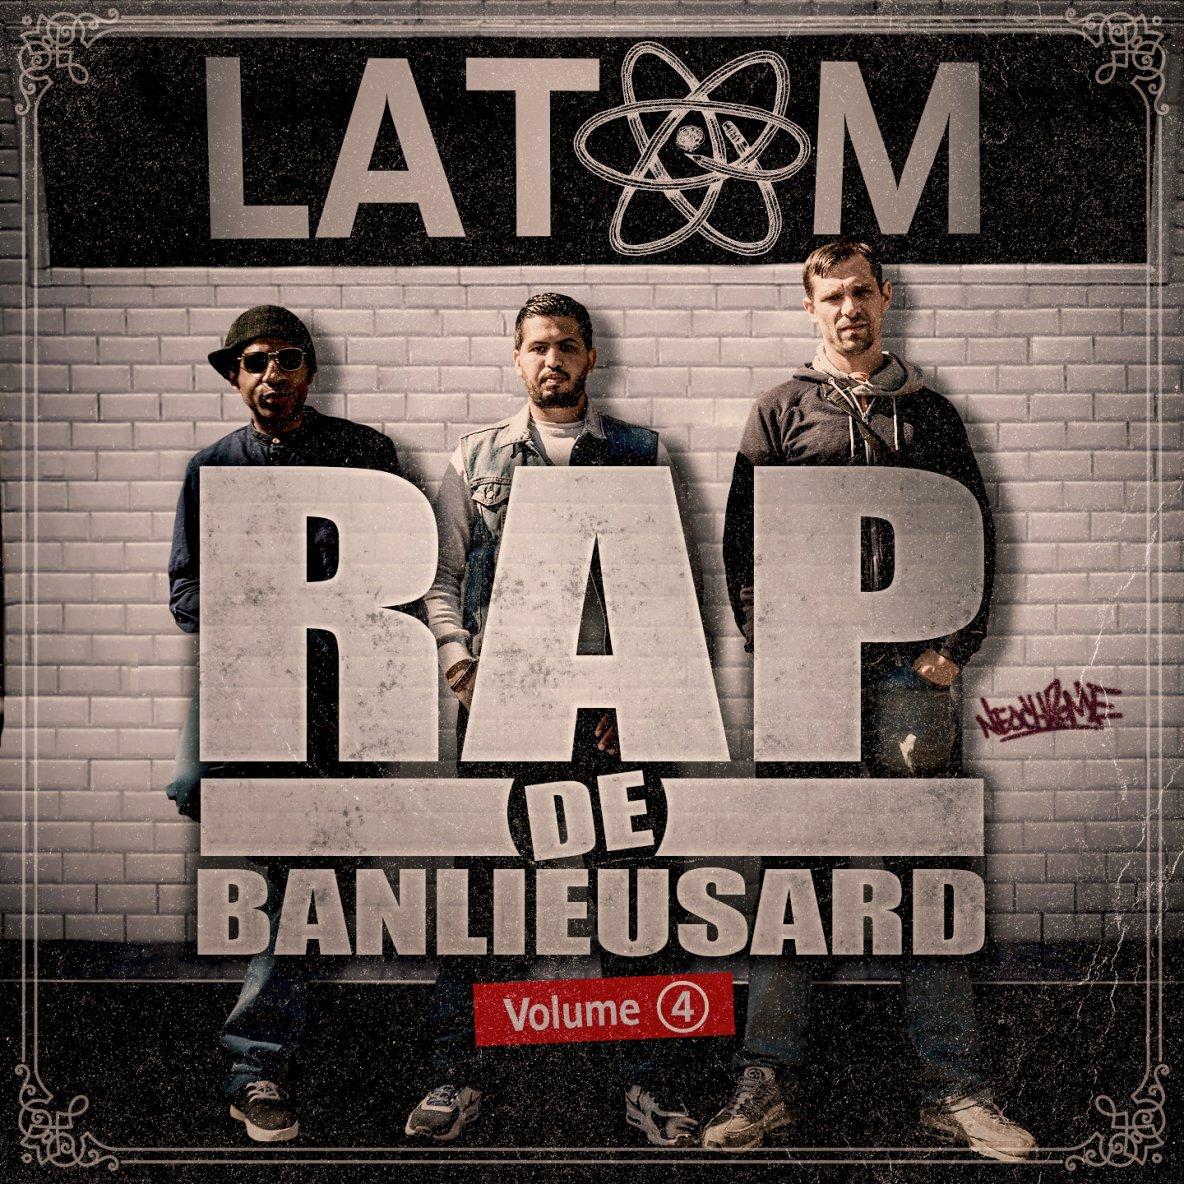 [ALBUM] RAP DE BANLIEUSARD Vol.4 Spécial LATOM | Disponible !